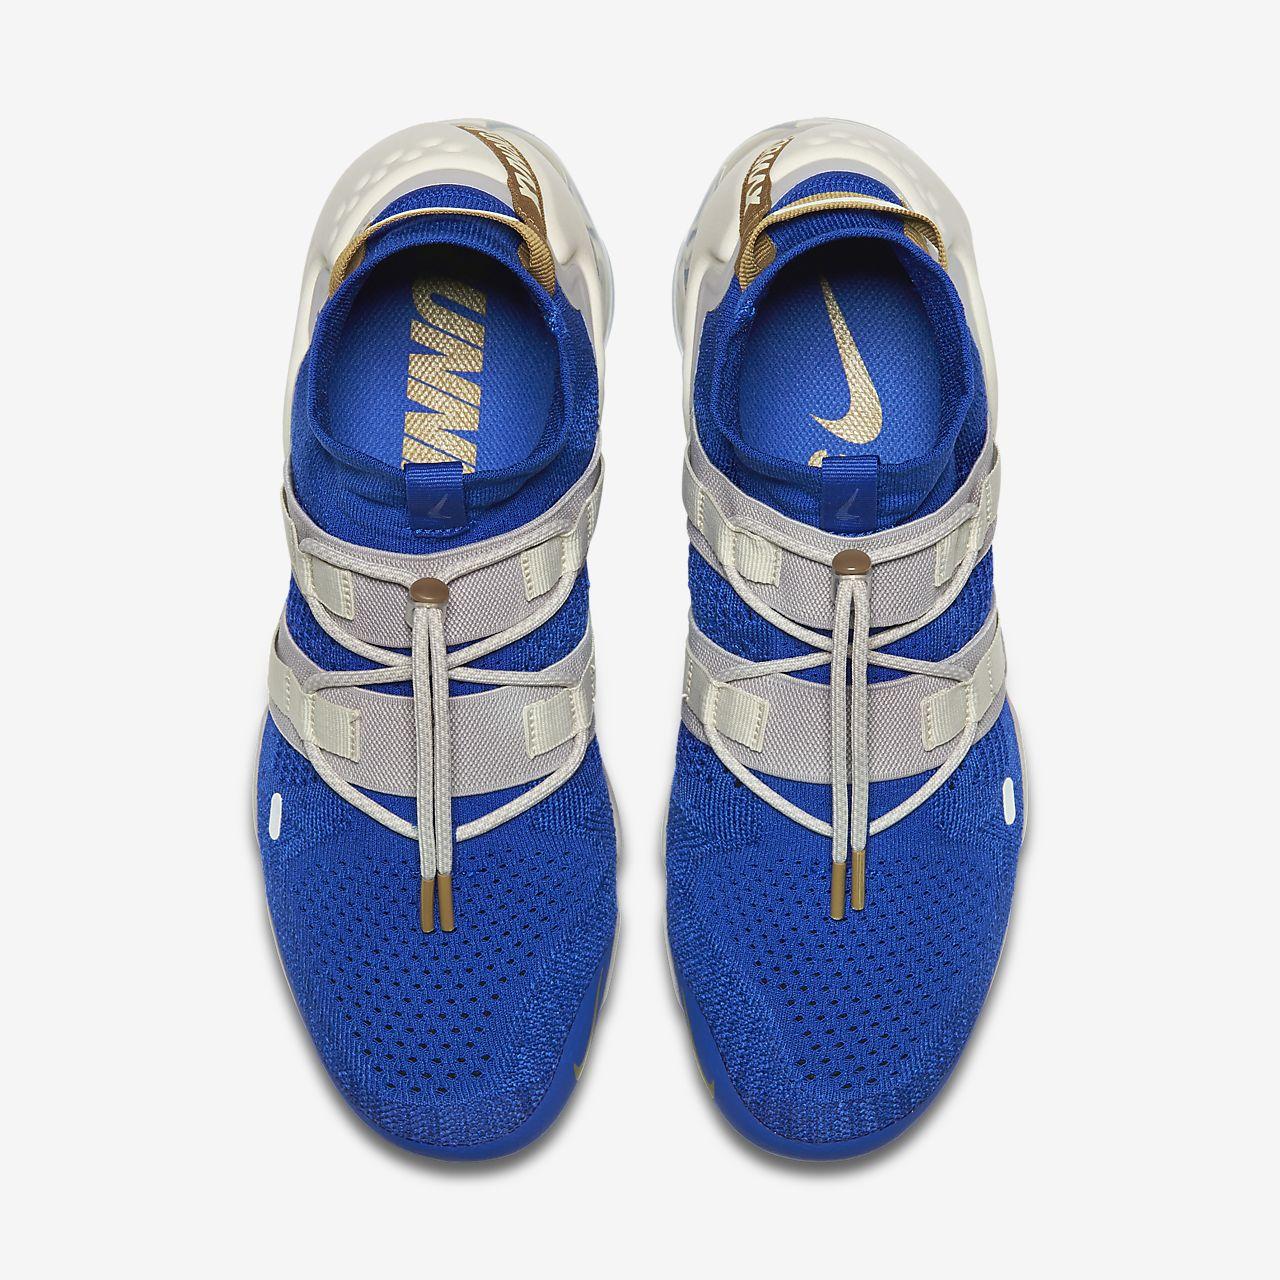 649419d0038c6 Nike Air VaporMax Flyknit Utility Shoe. Nike.com